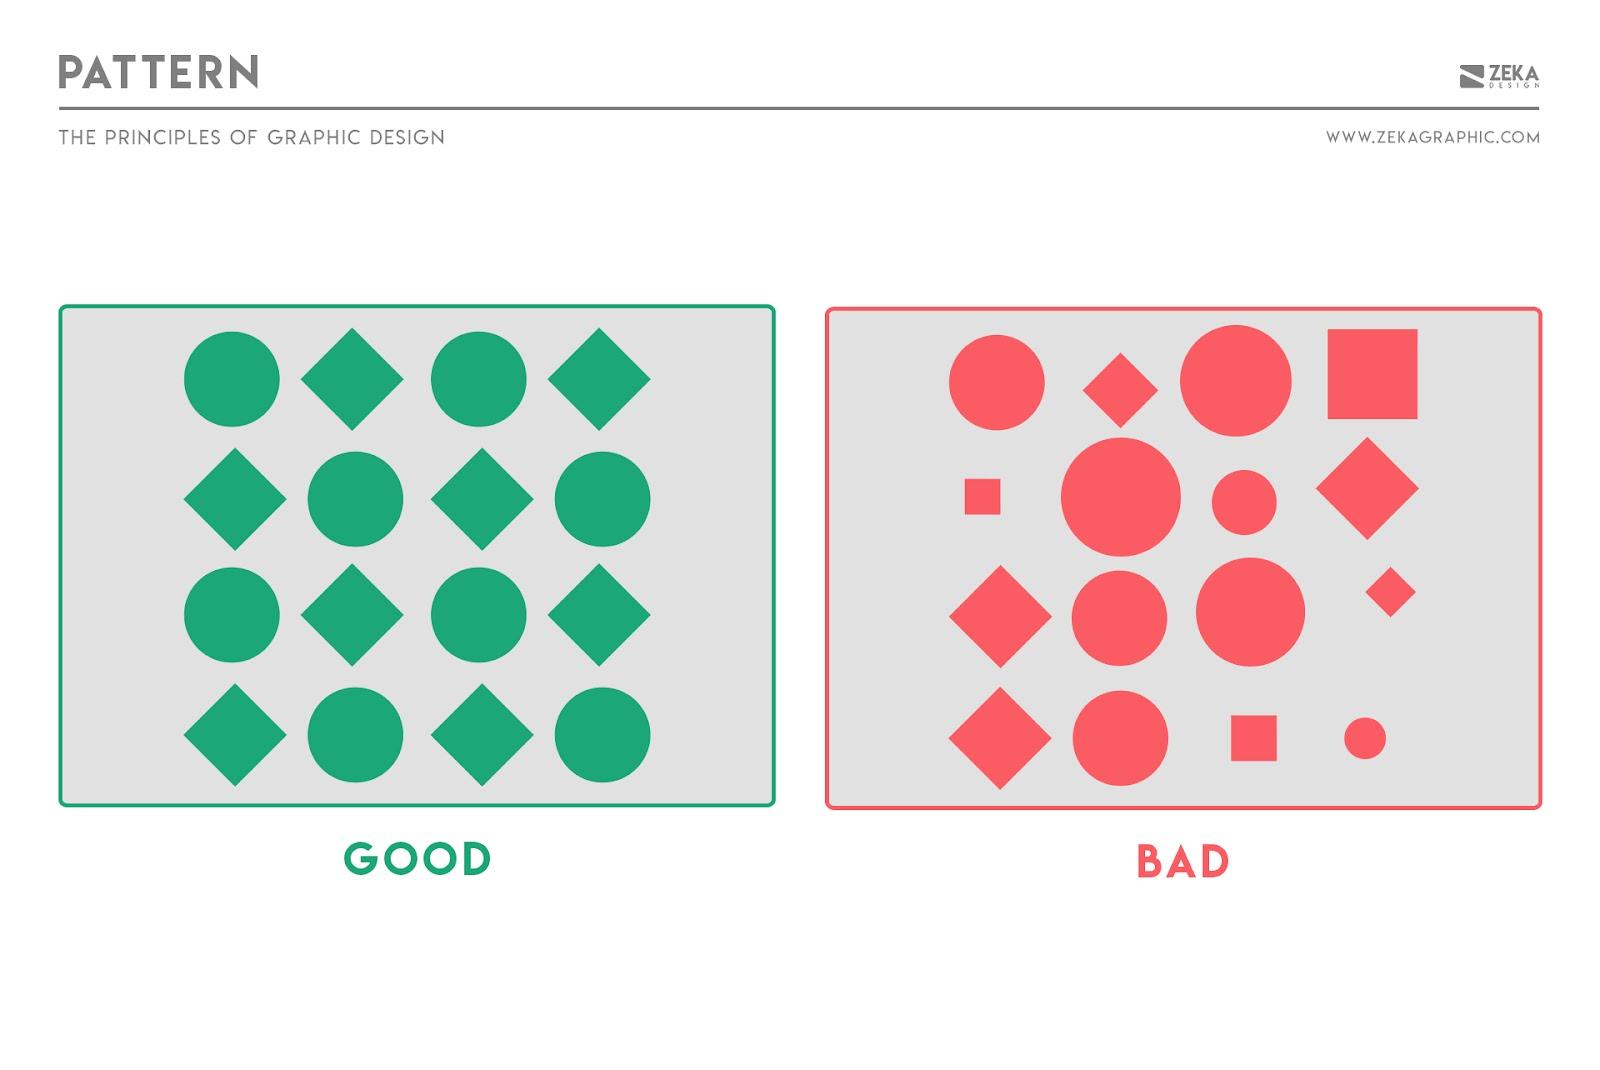 Nguyên tắc mẫu trong thiết kế đồ họa được giải thích